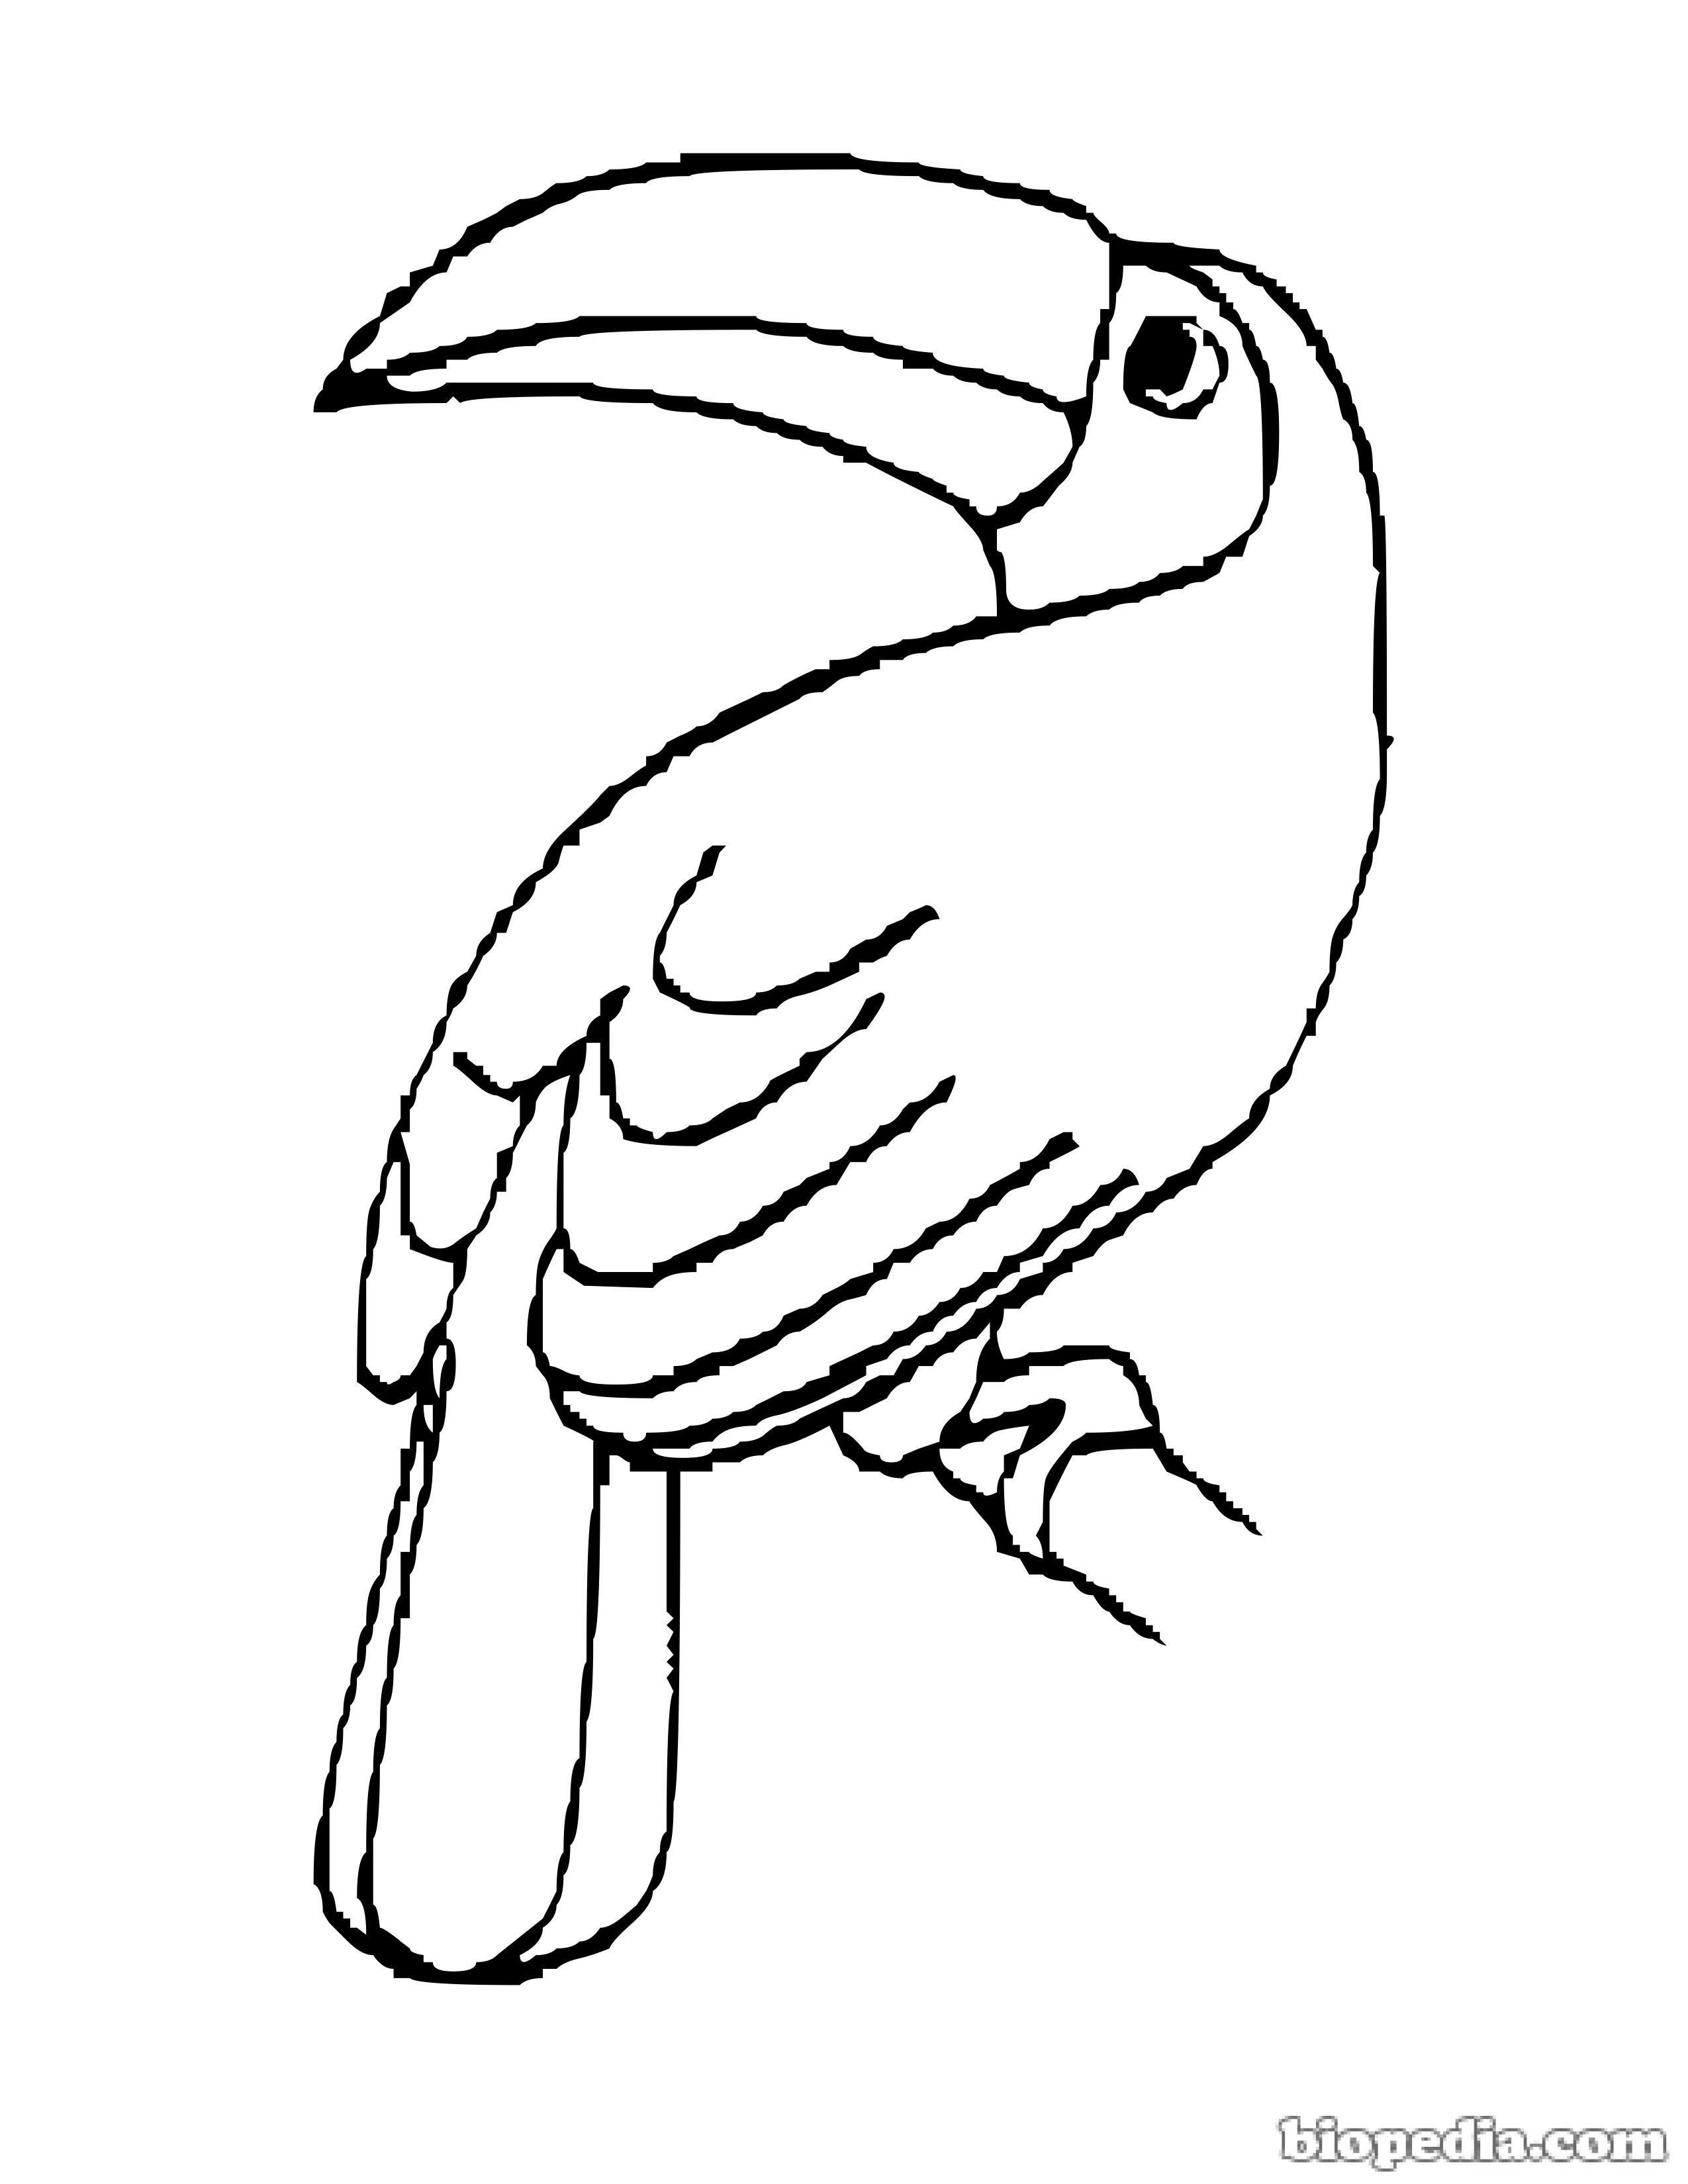 tucan-colorear | BIOPEDIA